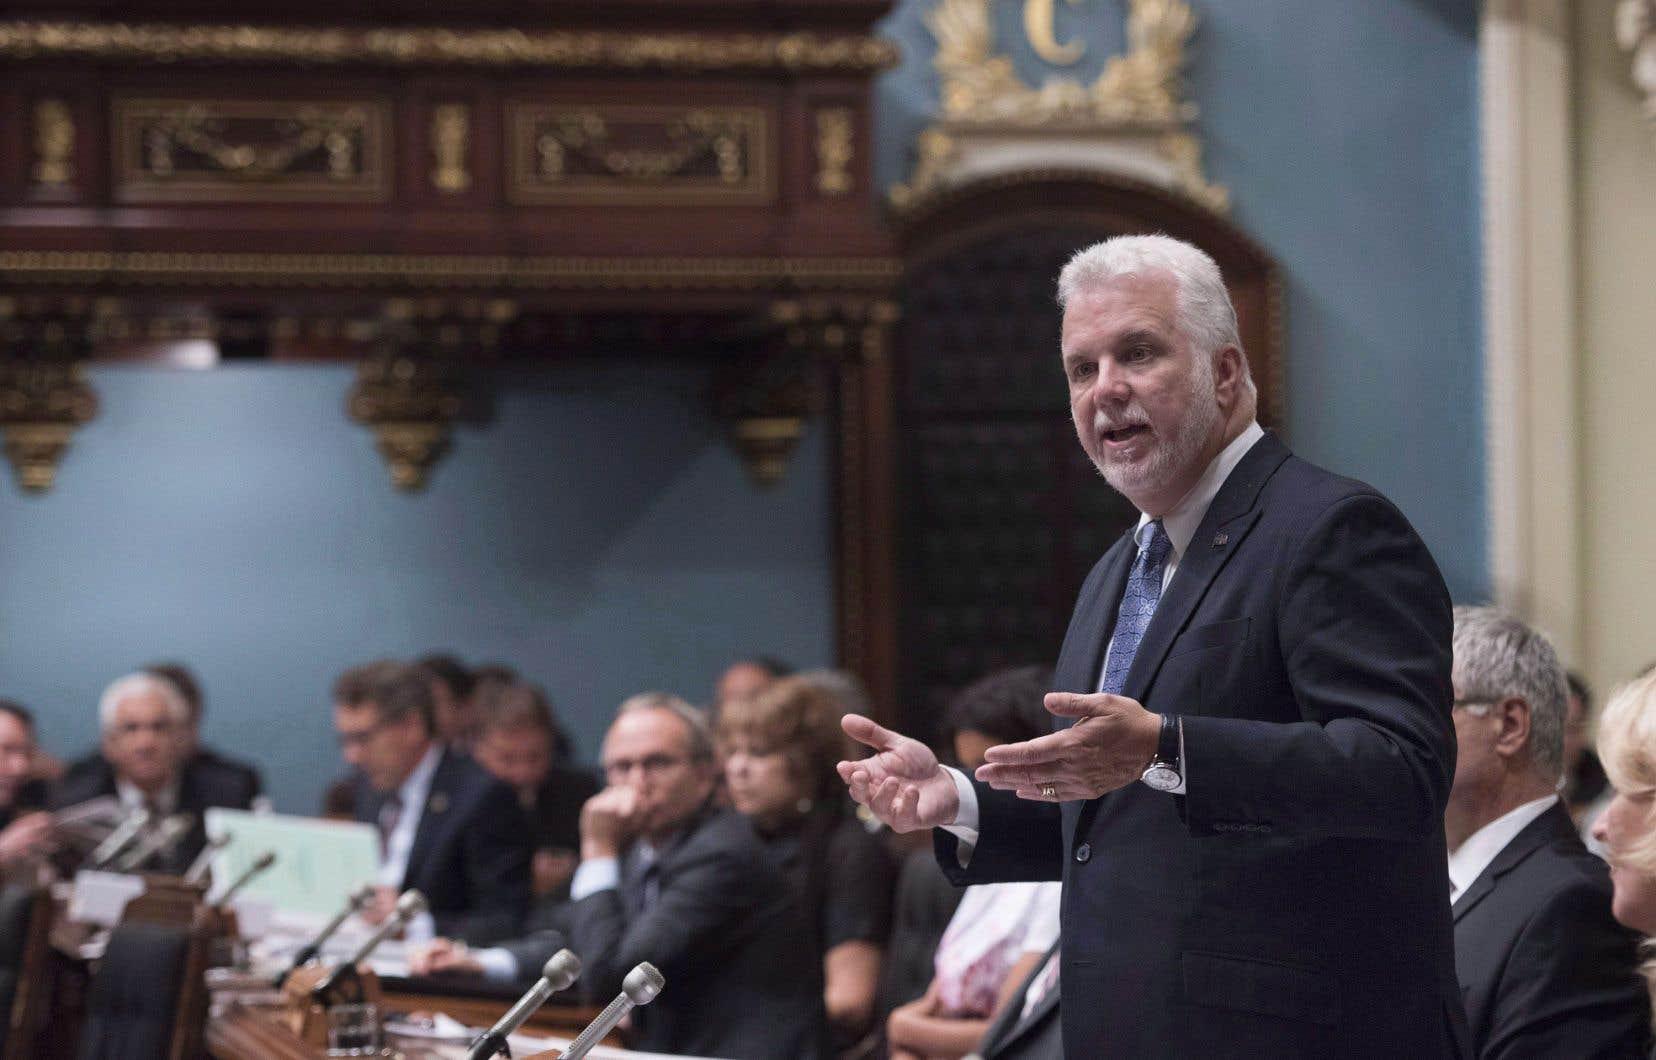 Le premier ministre Philippe Couillard s'est affairé pendant l'année à faire oublier les contrecoups des compressions budgétaires de sa première moitié de mandat à coups d'annonces et de millions de dollars.